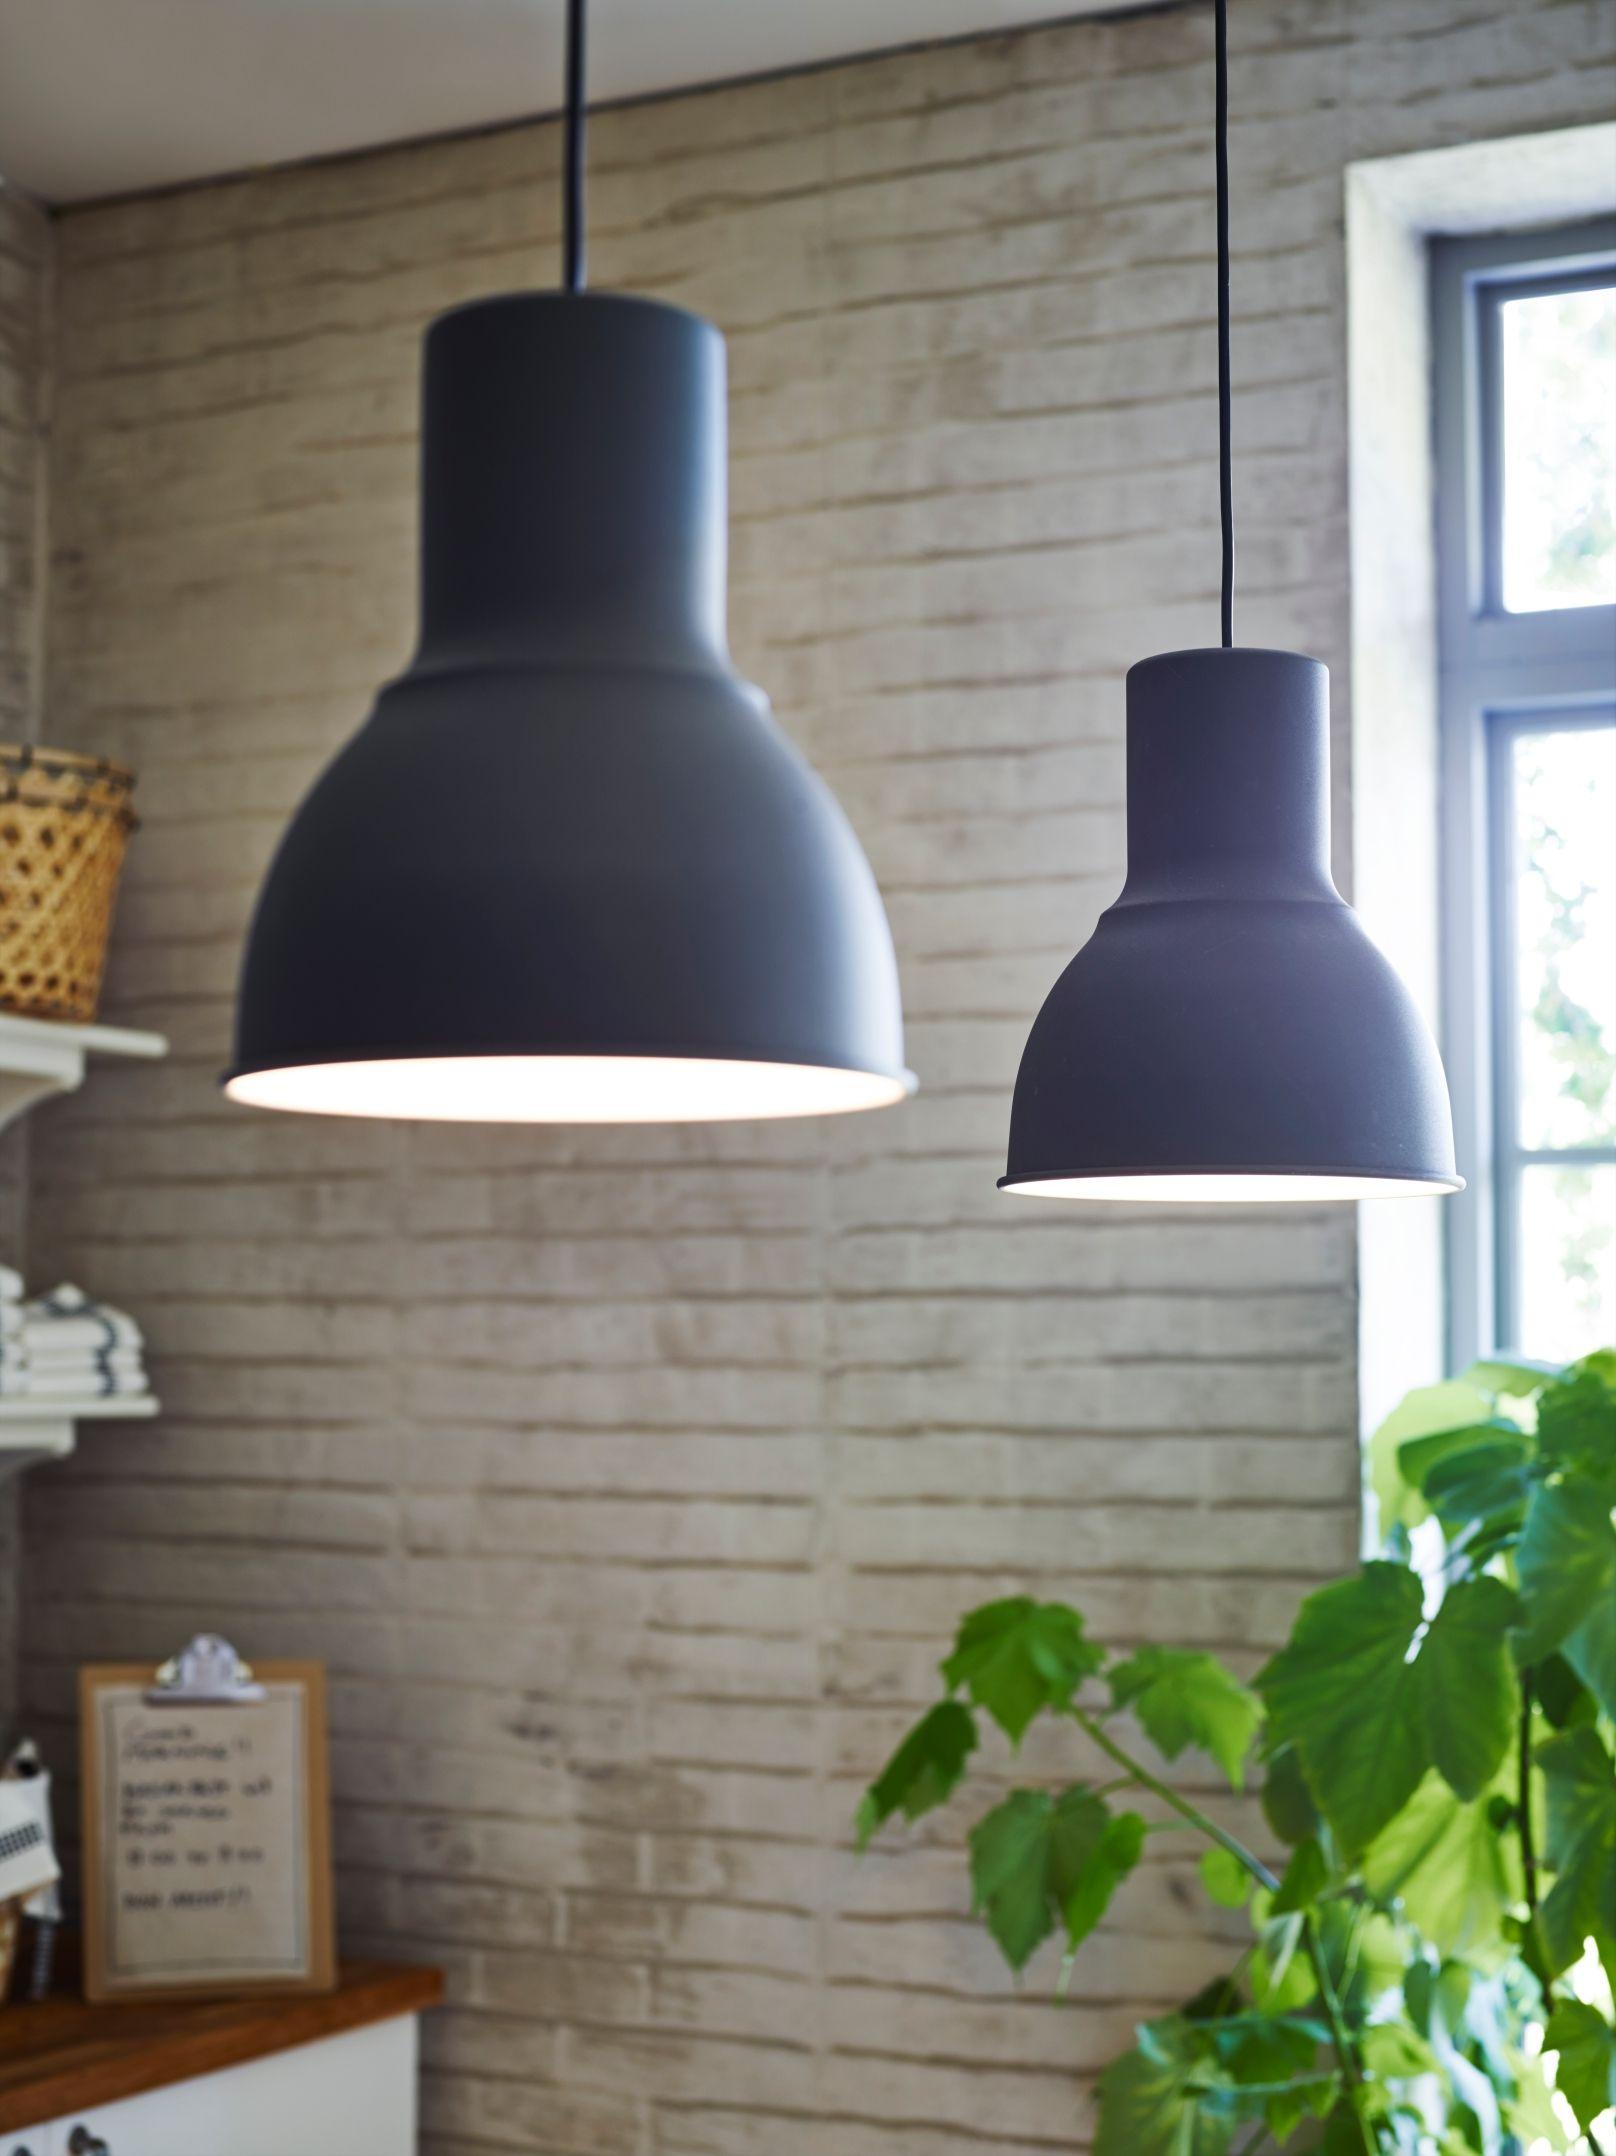 AuBergewohnlich Lampen Esszimmer Ikea Esszimmer: Charmant Lampen Esszimmer Ideen Esszimmer  Lampen Ikea .